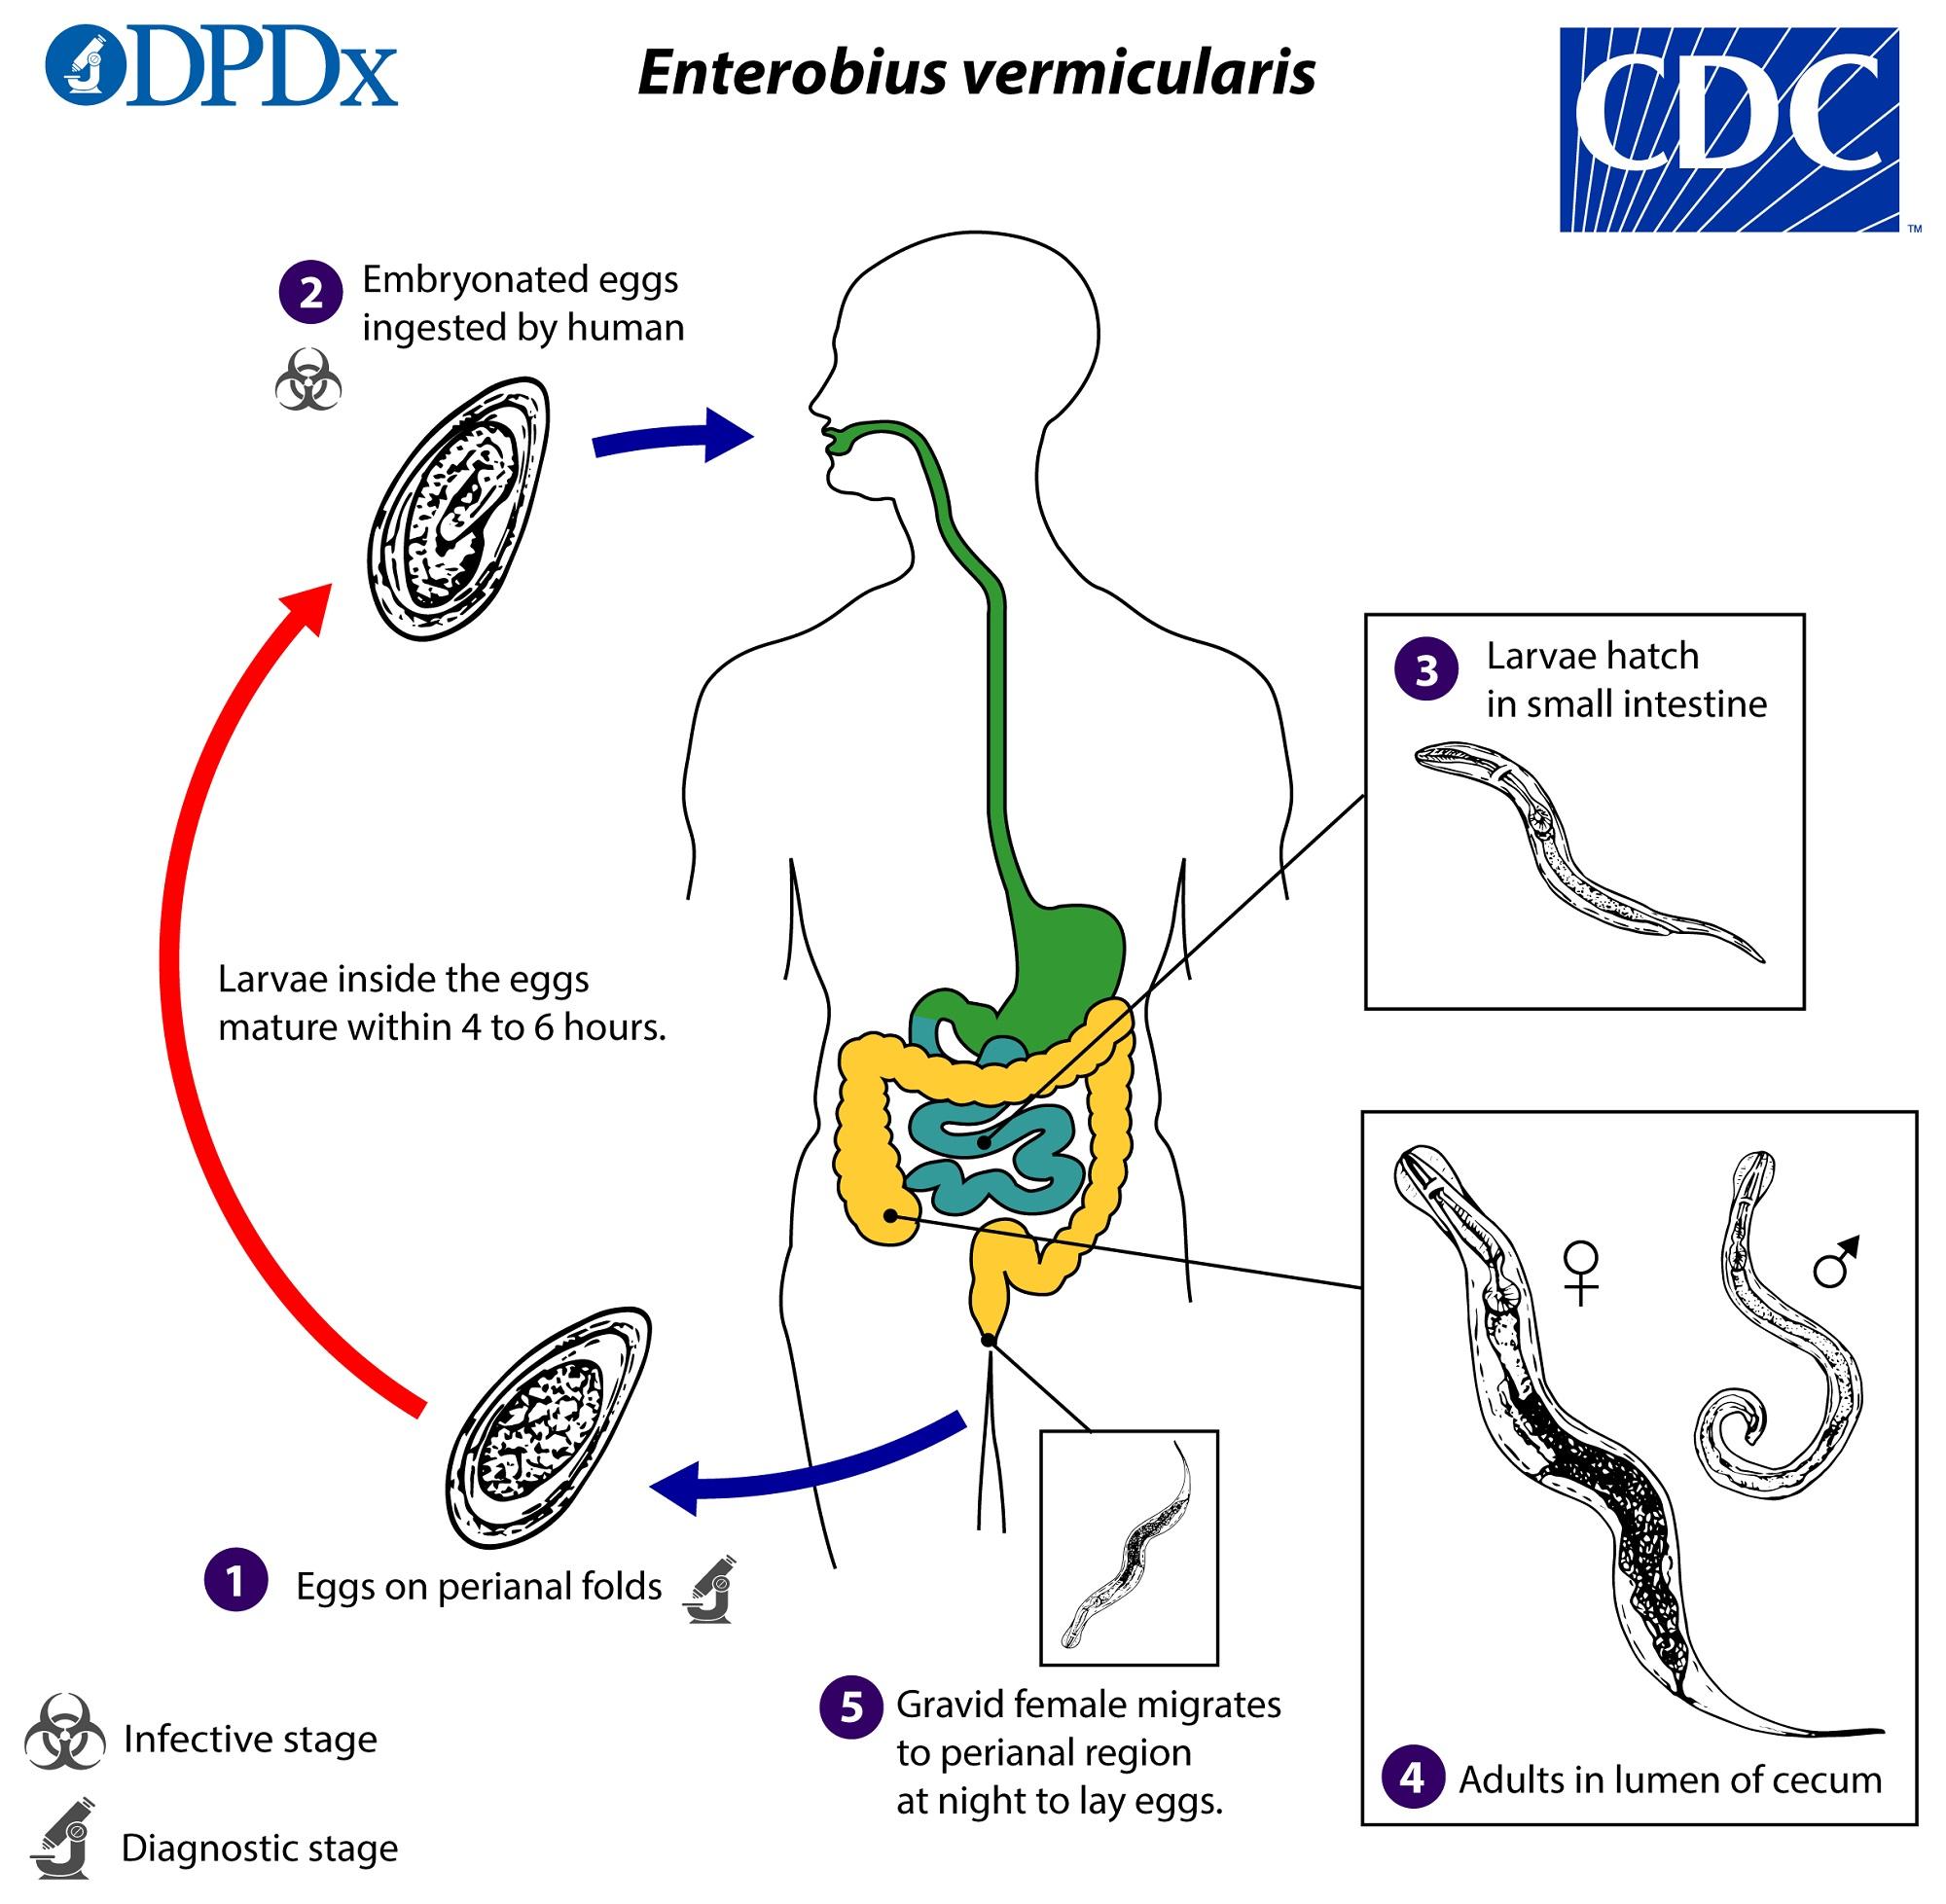 petesejtek vermicularis pinworms táblázat az enterobiosis kezelésére gyermekeknél